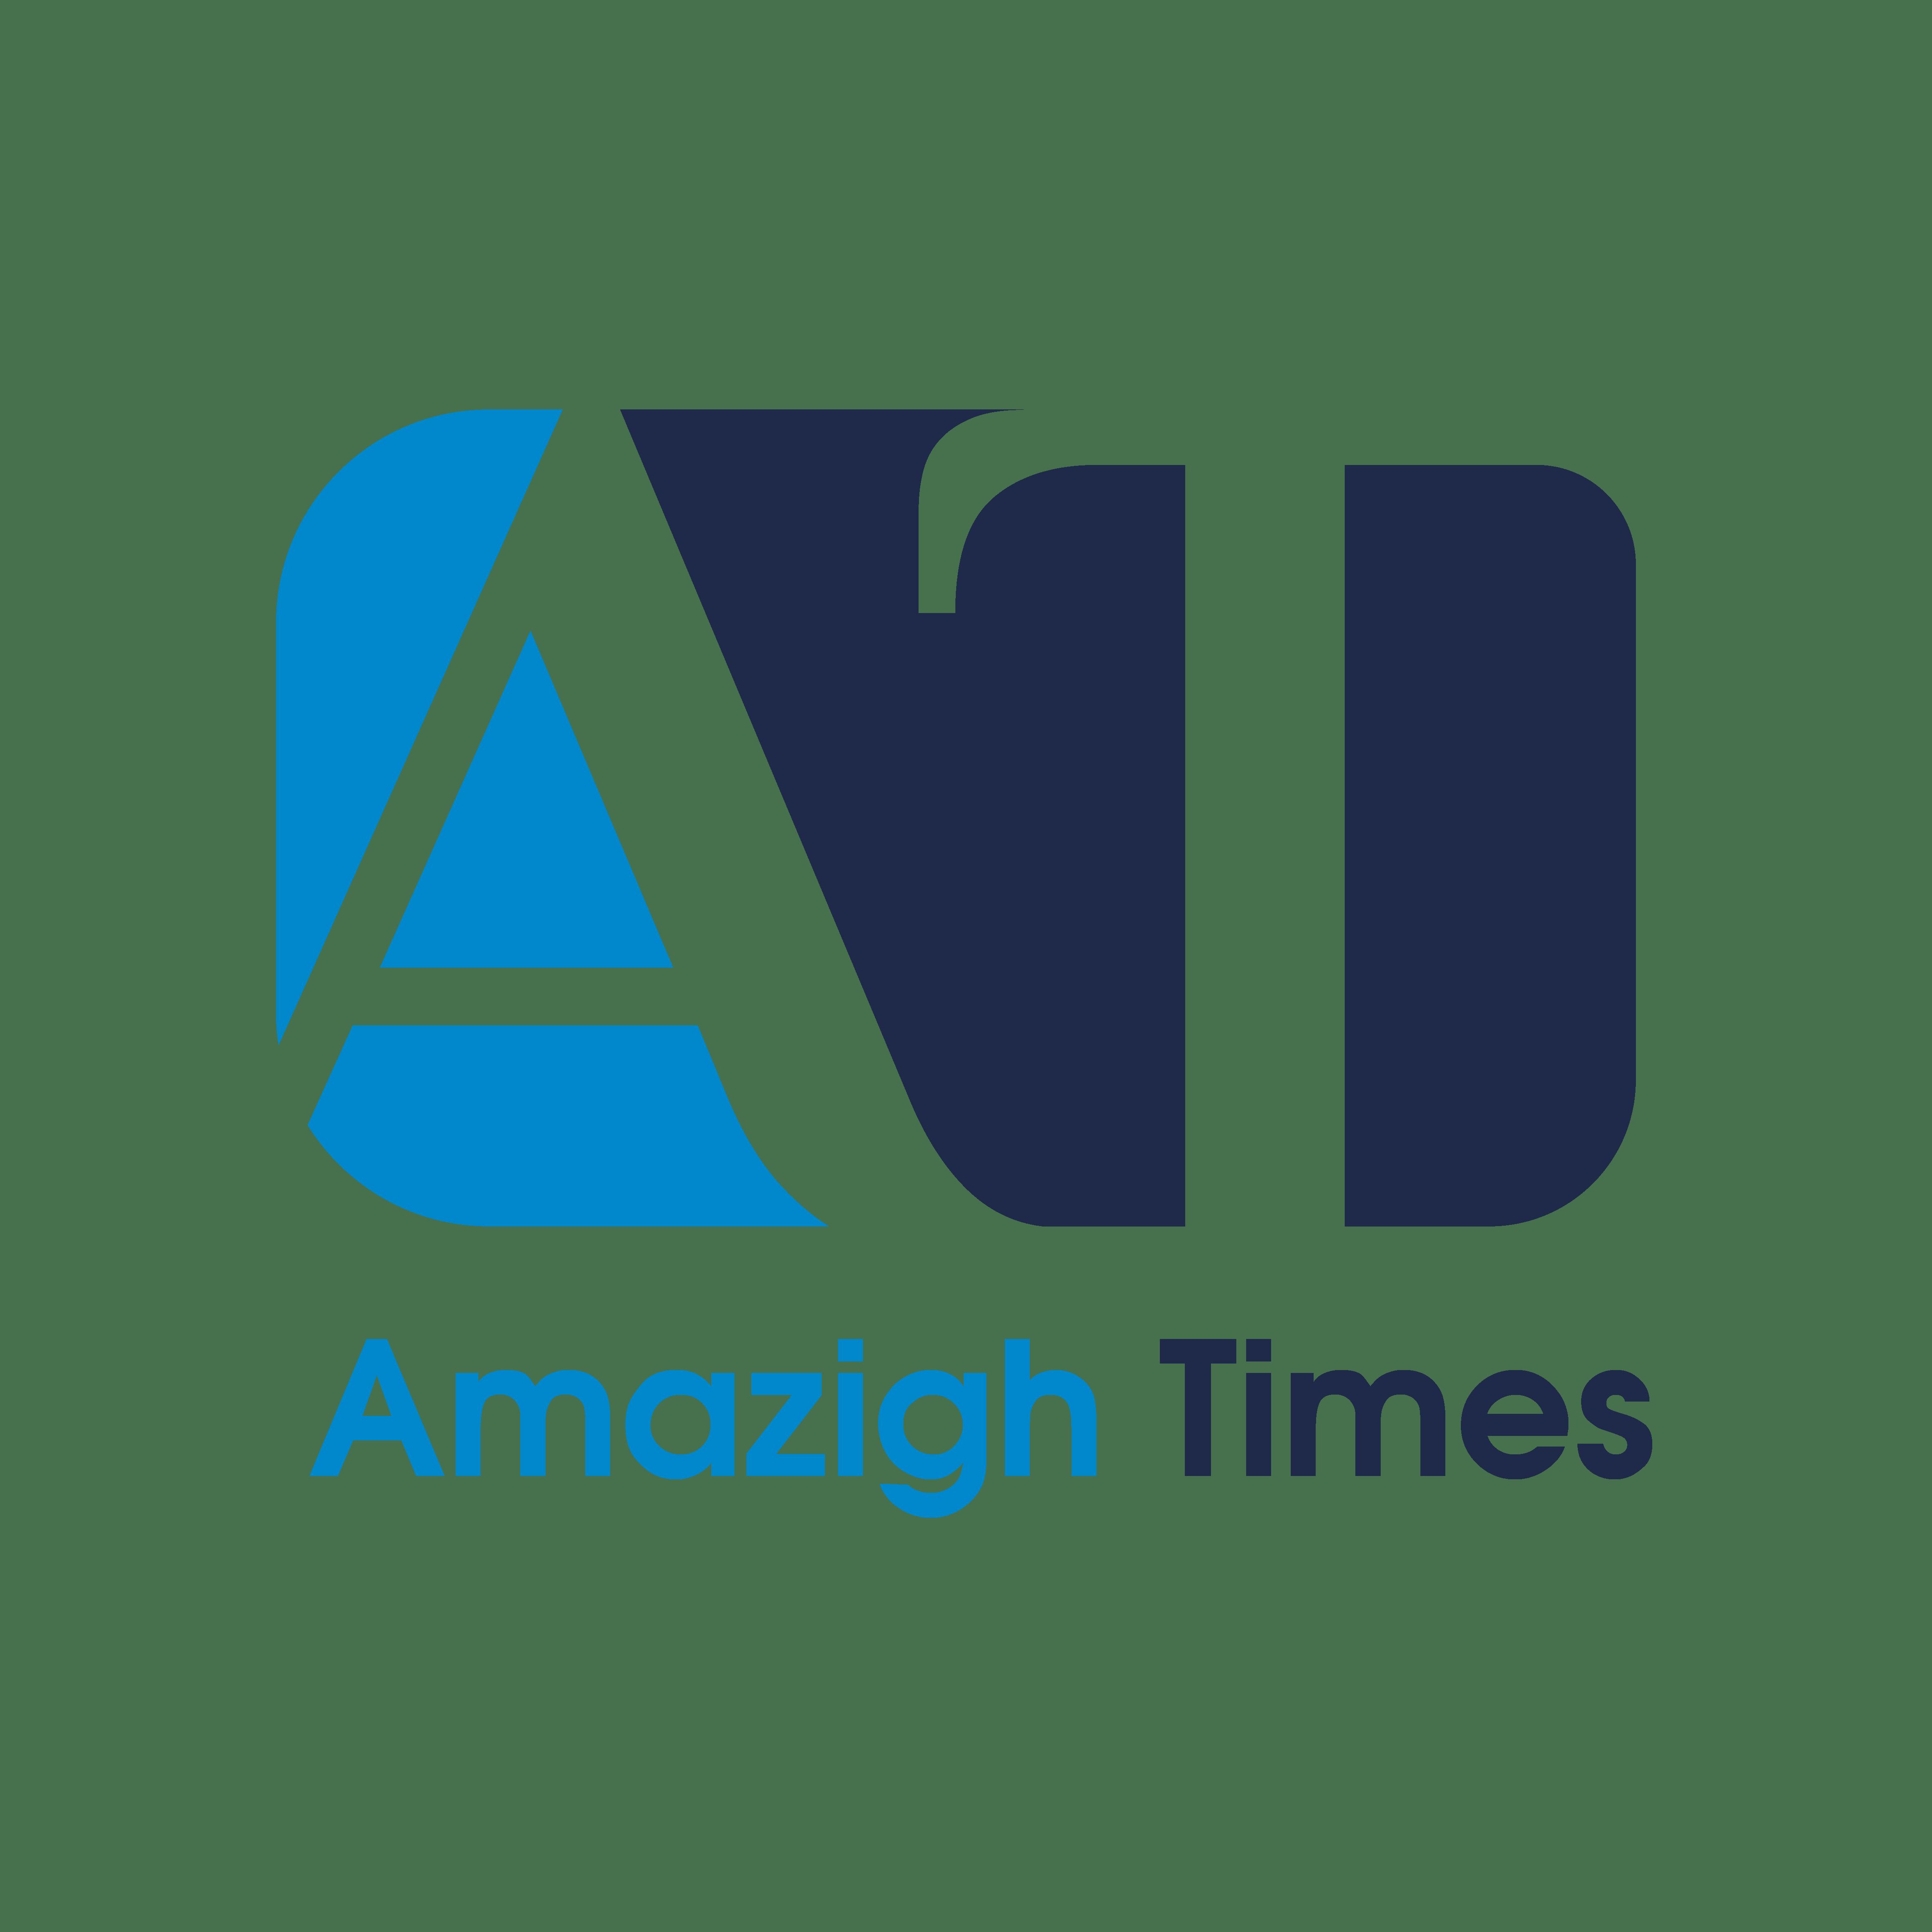 AmazighTimes